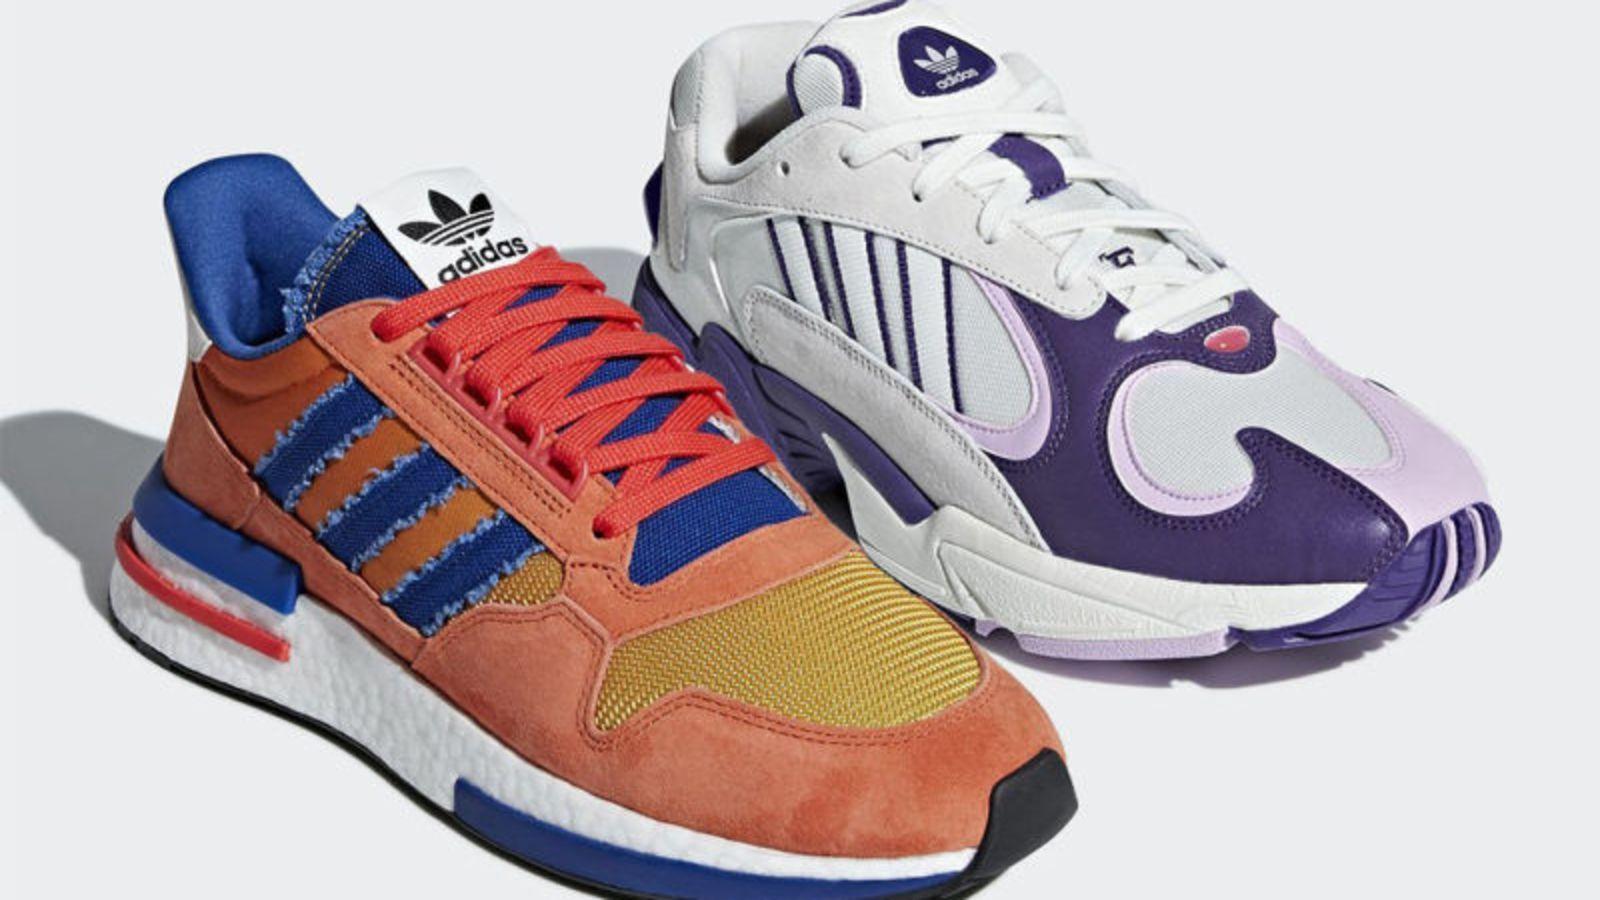 local En la madrugada Madurar  Dragon Ball ya tiene sus dos primeras zapatillas deportivas Adidas: Goku y  Frieza | Zapatos nike para niños, Zapatillas mujer nike, Zapatillas nike  para hombre